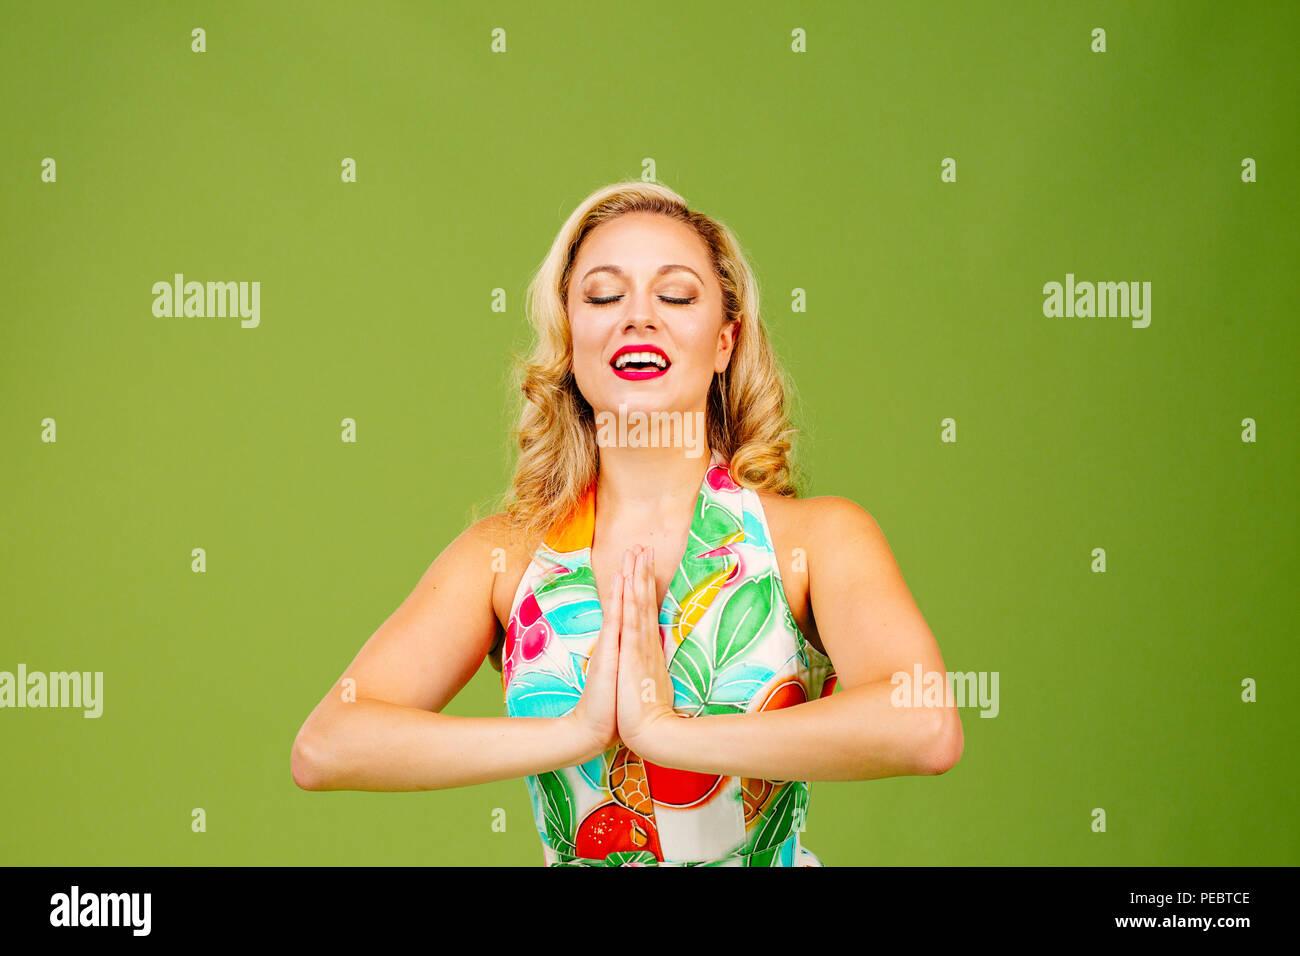 Schöne Frau mit Händen gemeinsam im Gebet und in der Mund offen, auf grüner studio Hintergrund isoliert Stockbild